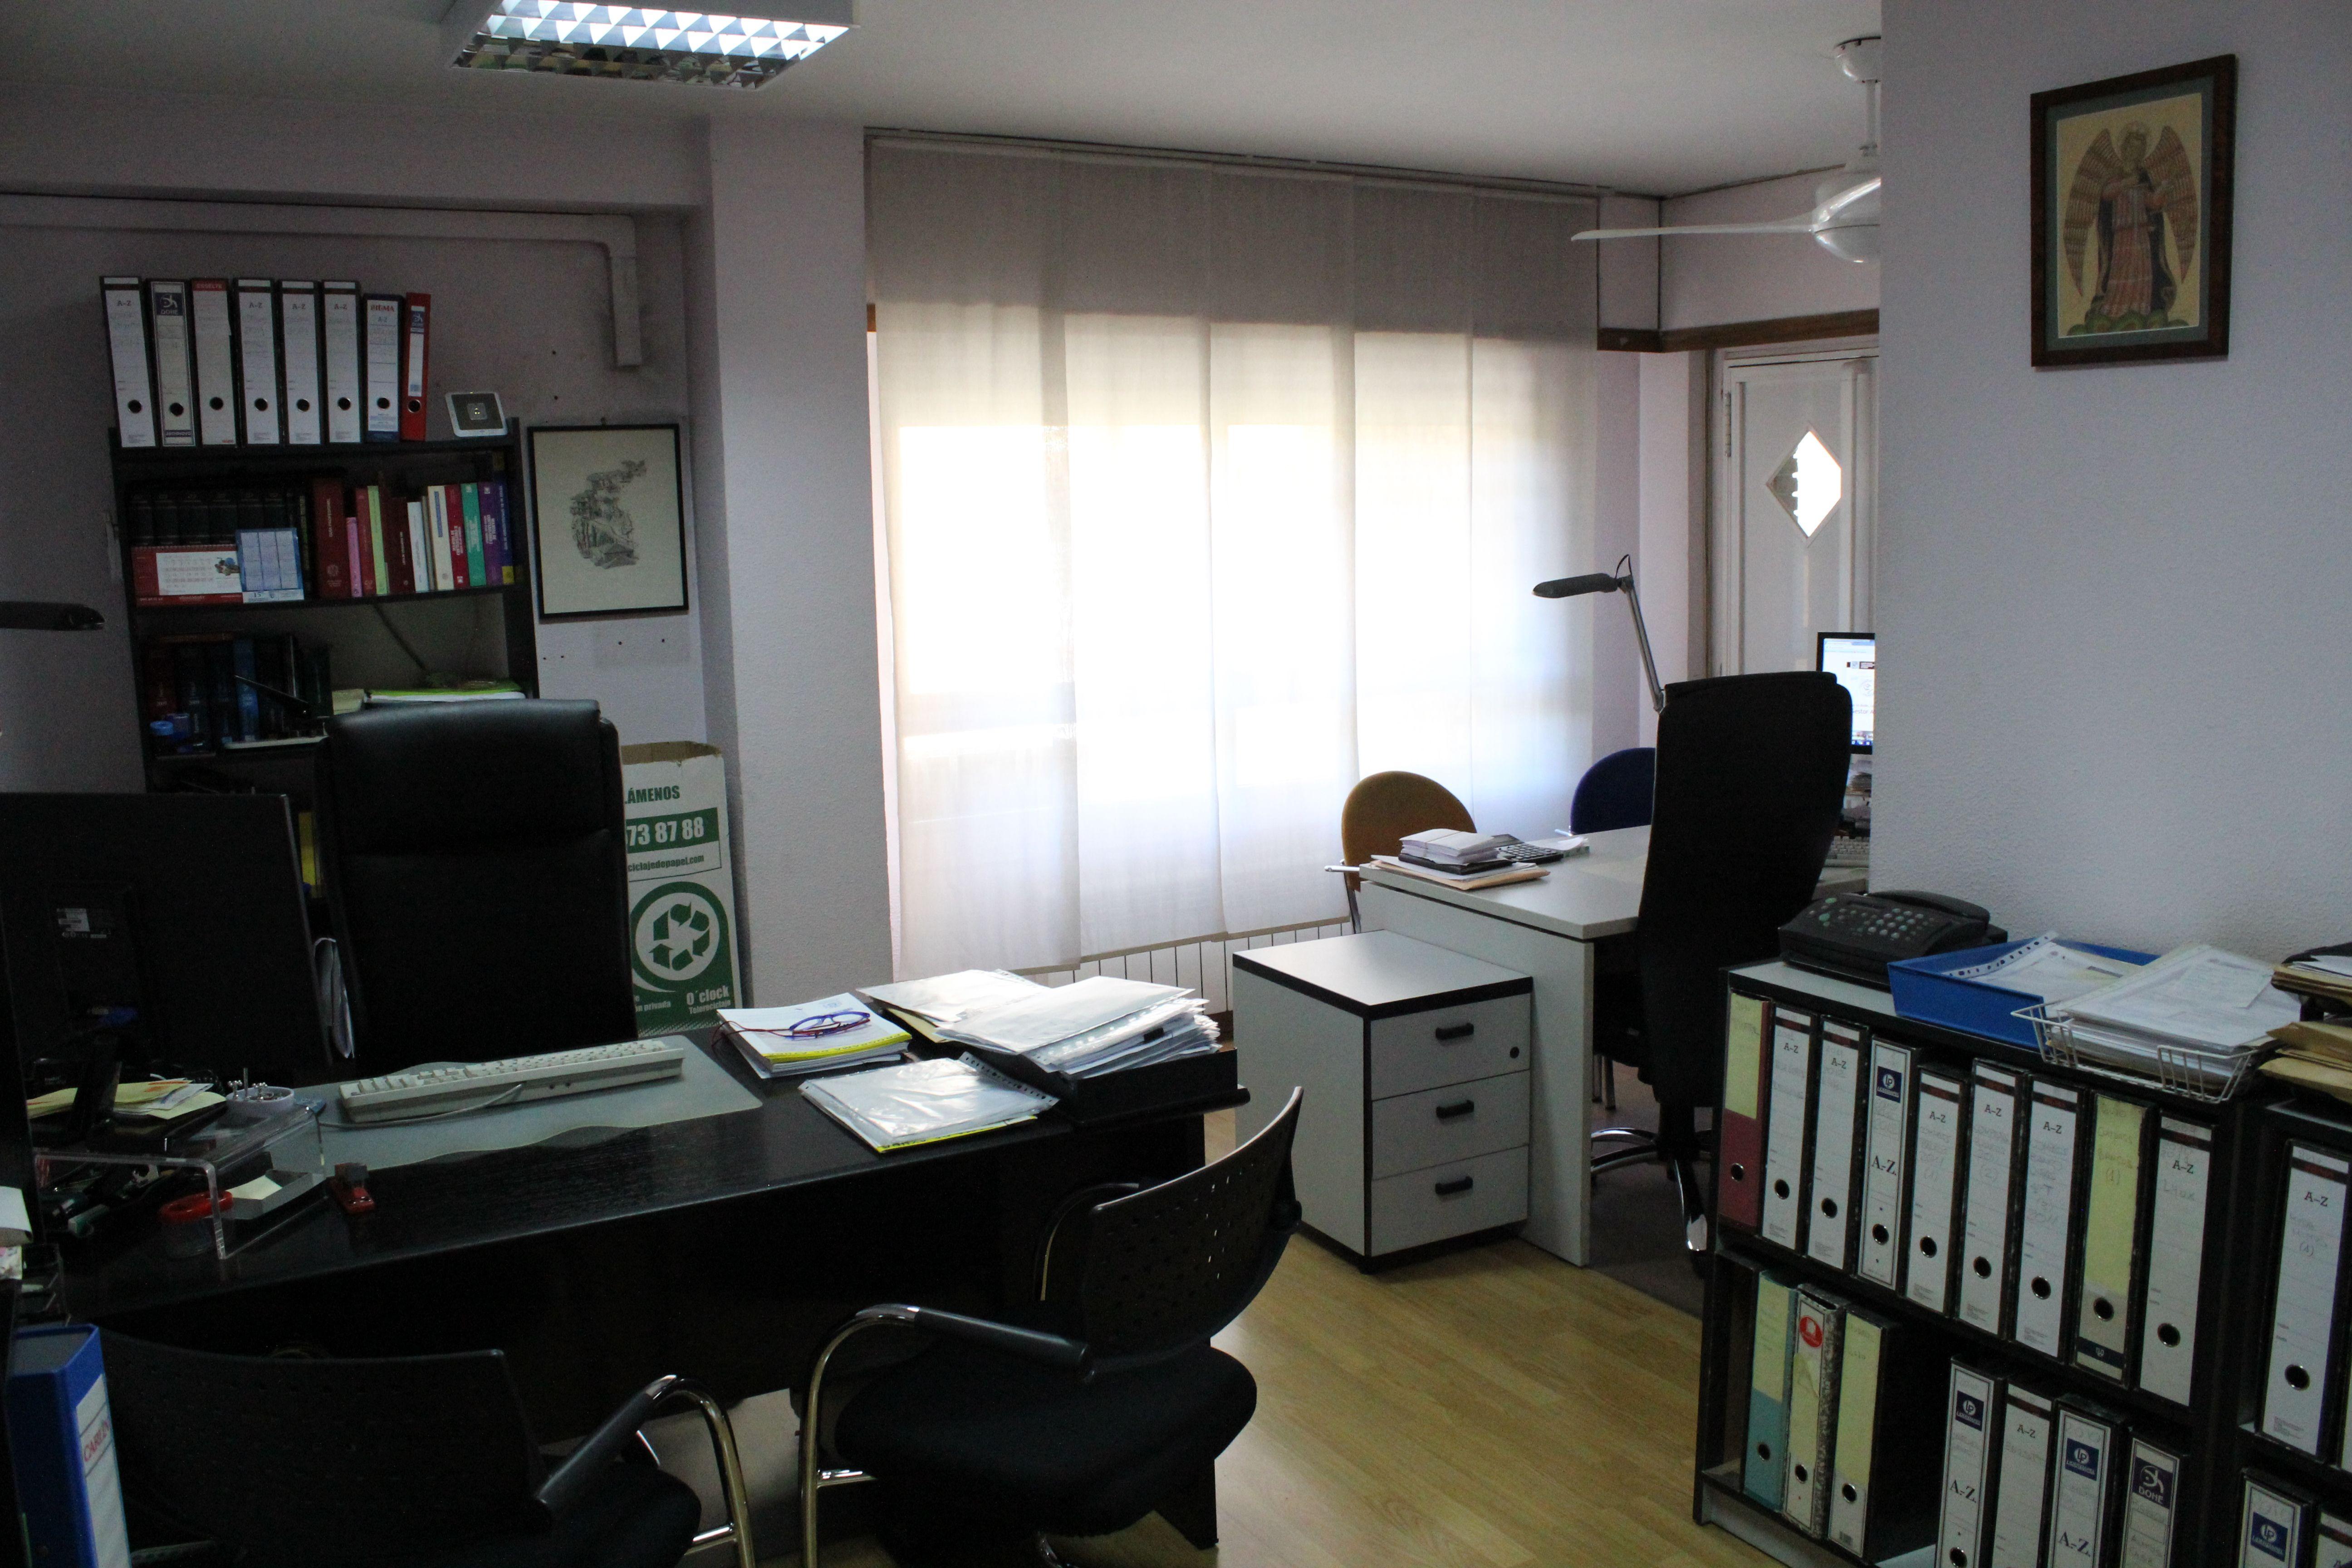 Foto 2 de Gestorías administrativas en Madrid | Gestoría Guaita Beneit